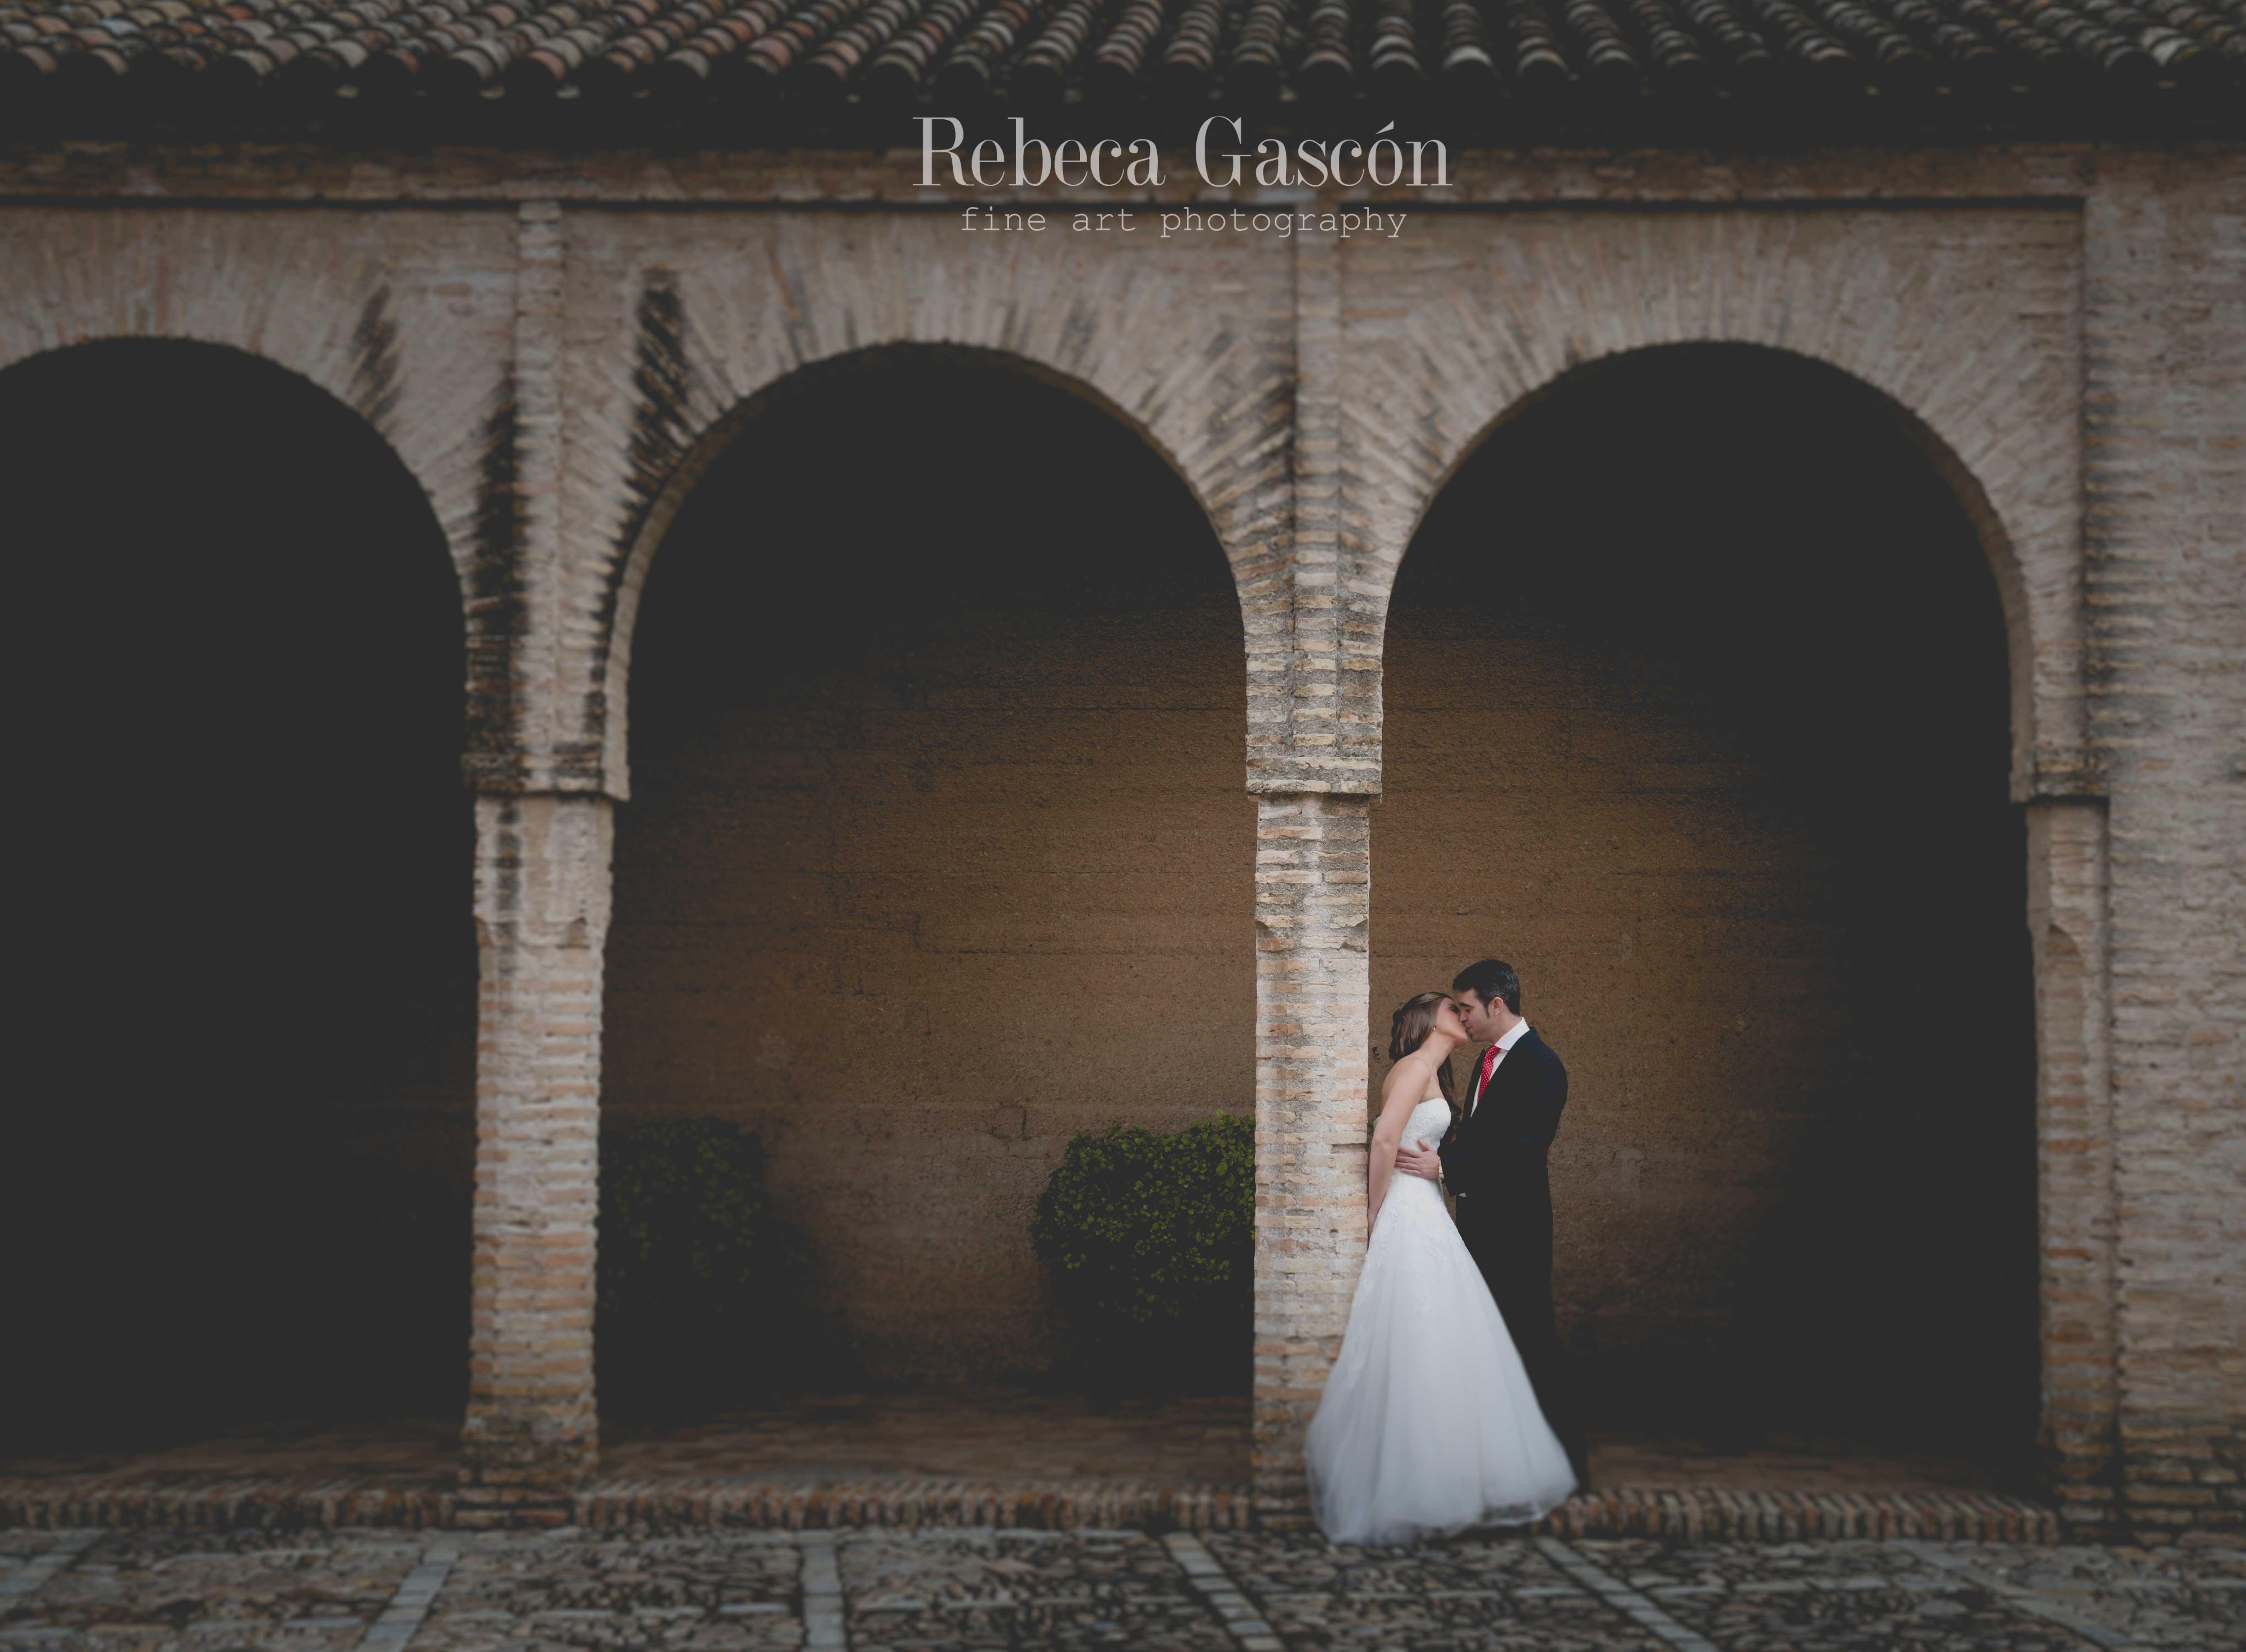 rebeca-gascon-fotografia-artistica-boda